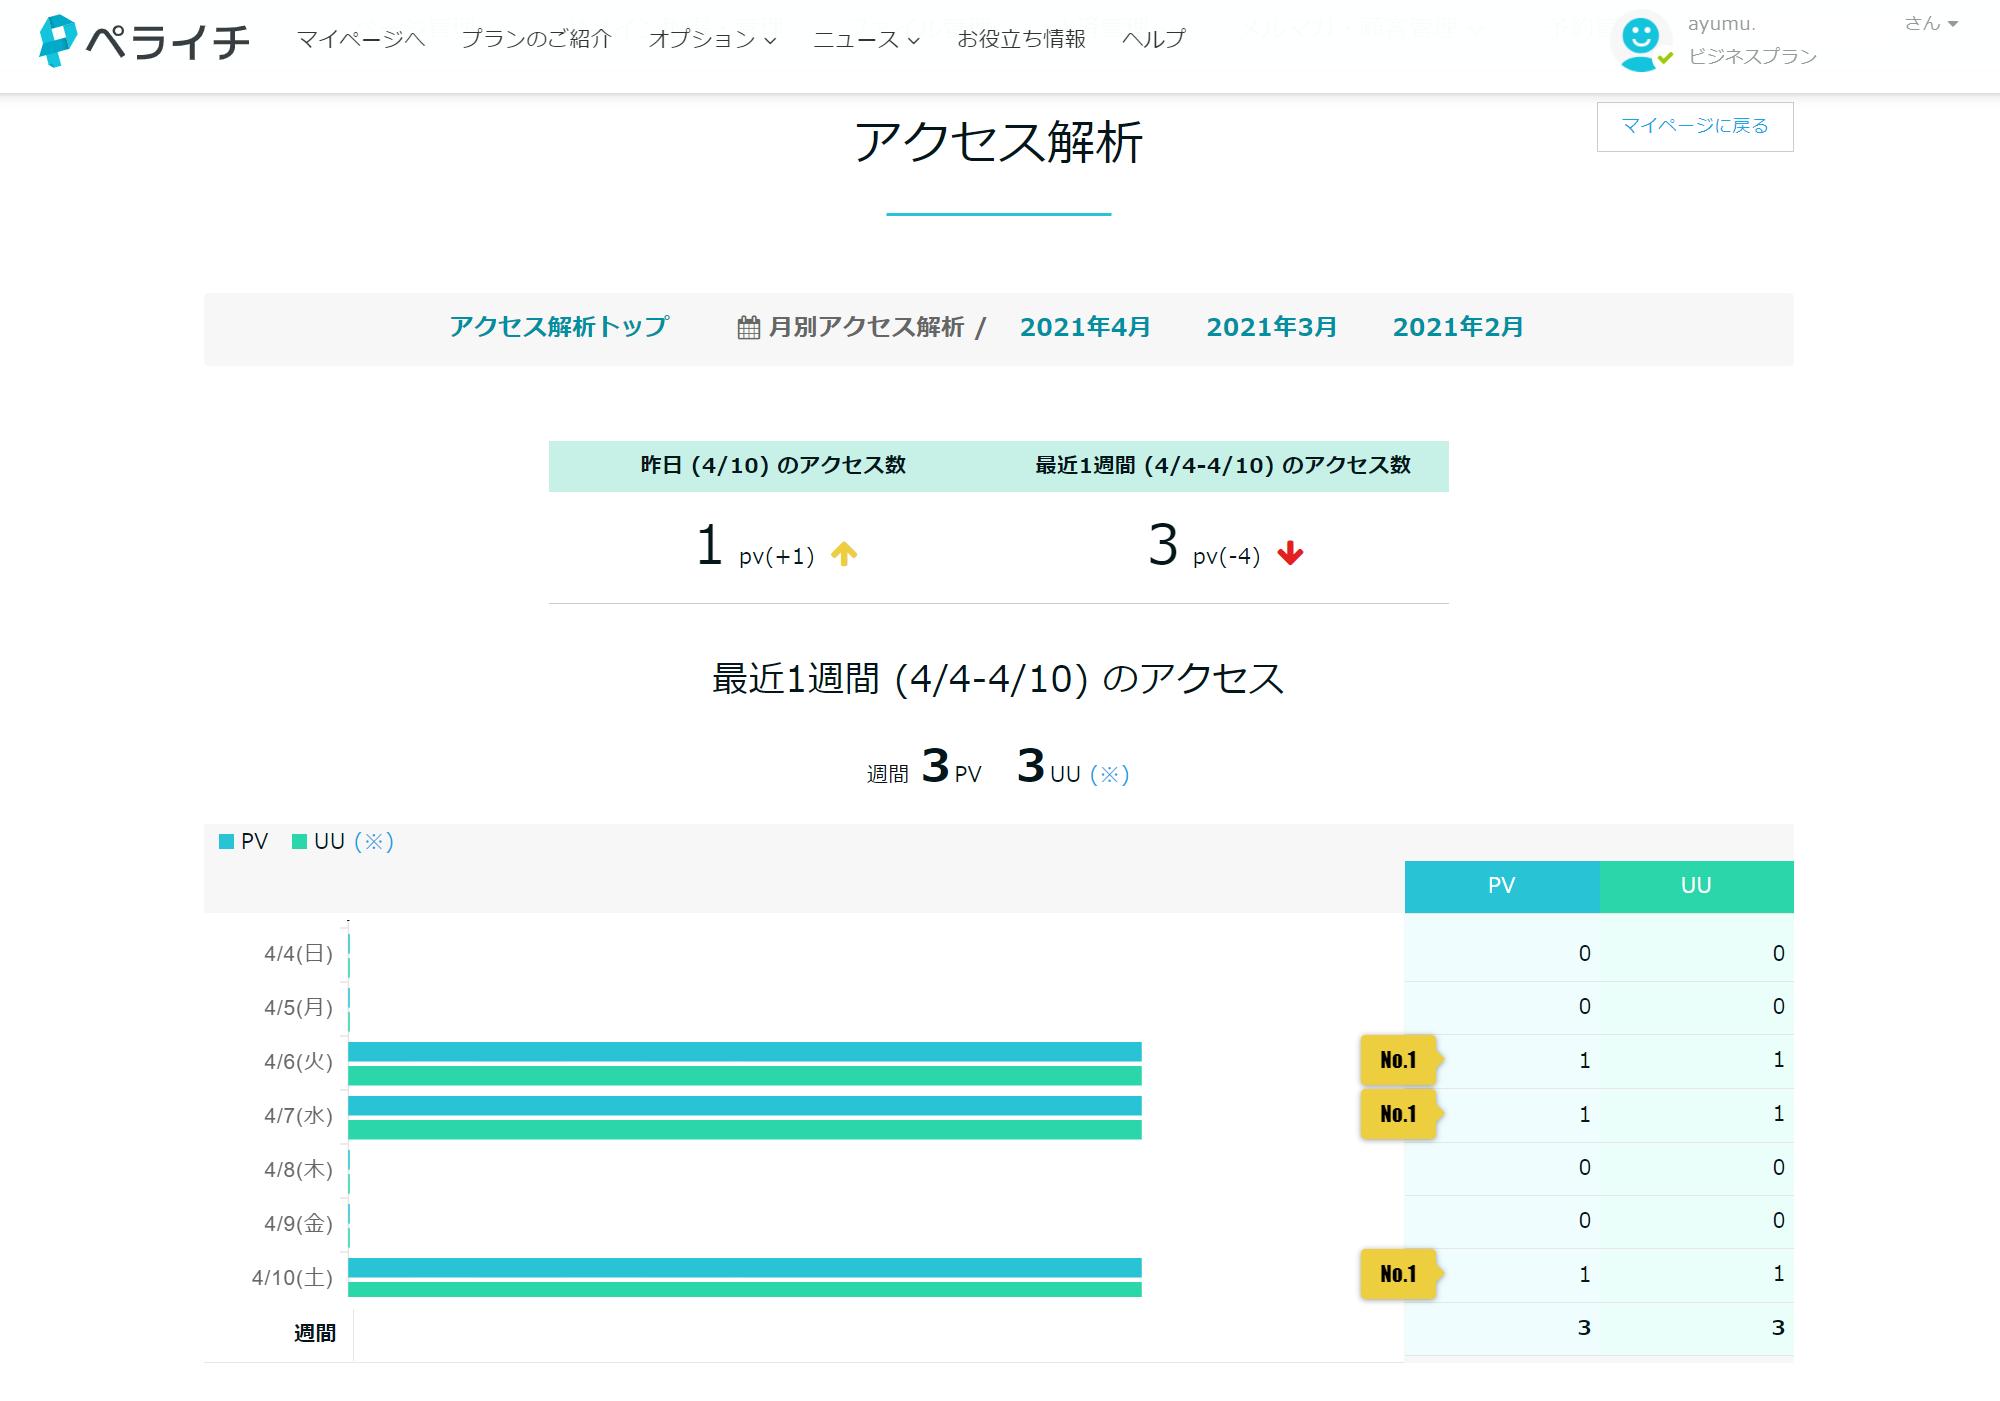 ペライチのアクセス解析画面